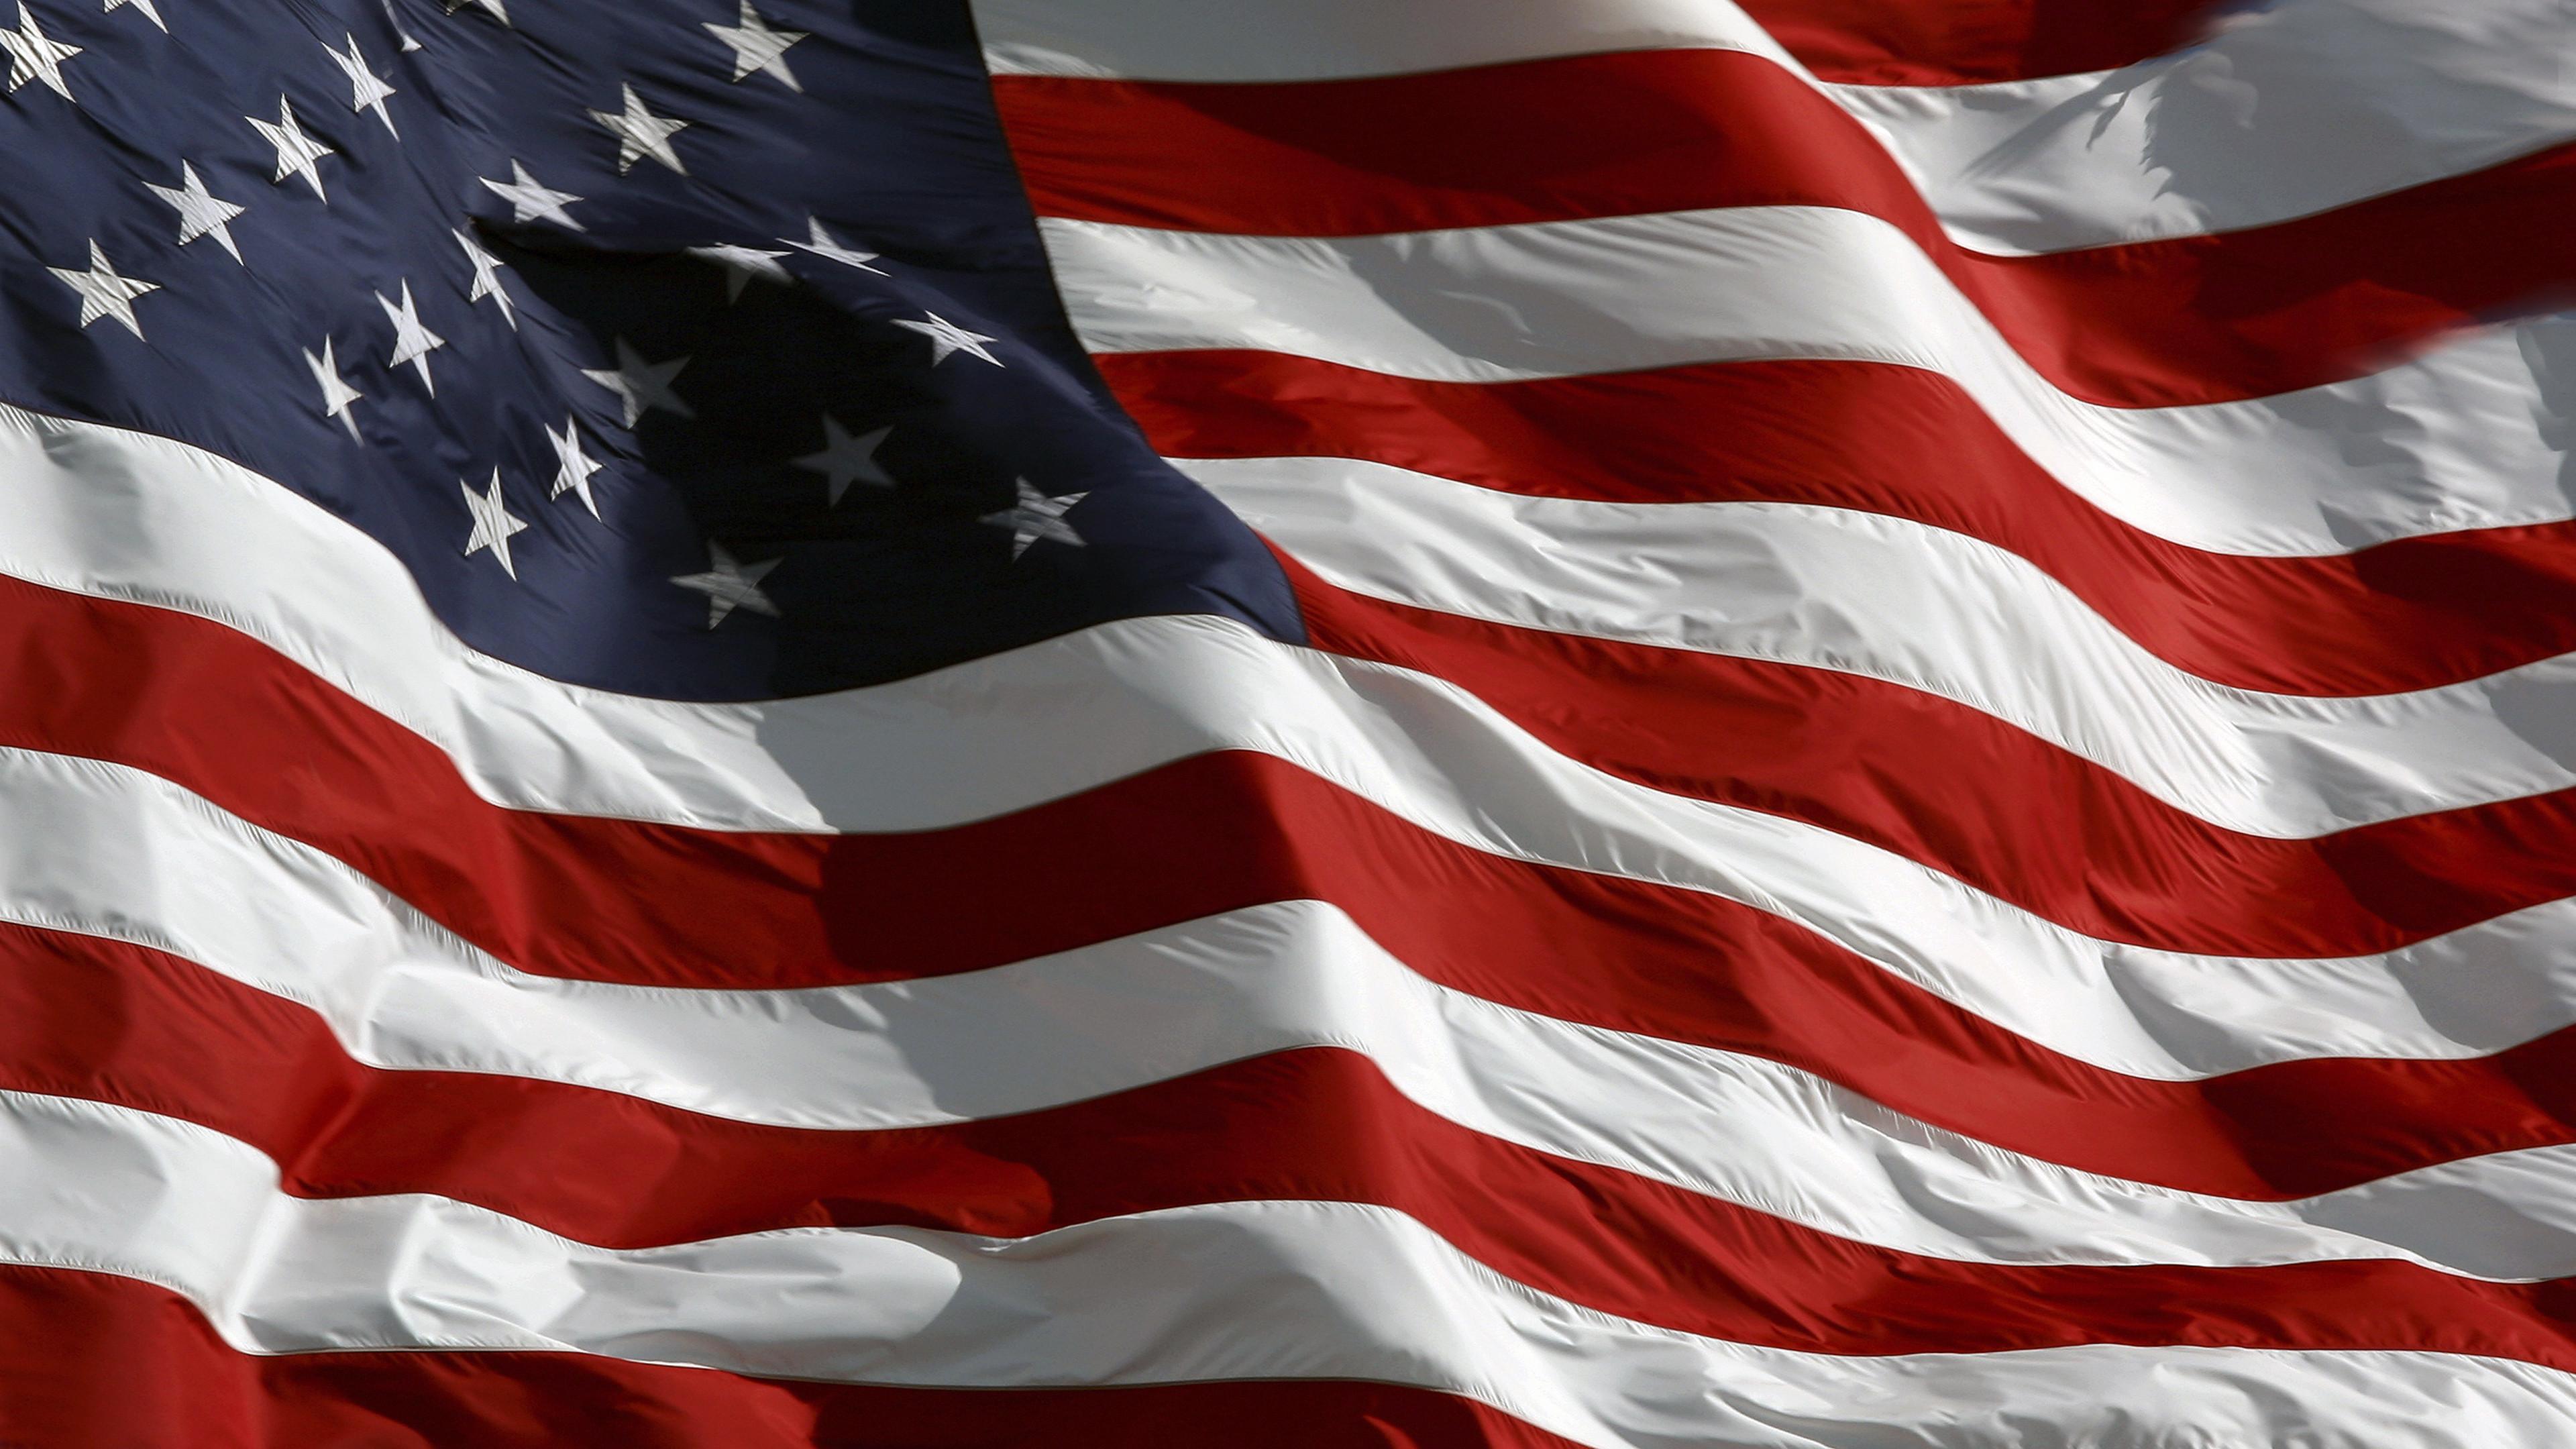 Res: 3840x2160, american flag wallpaper hd